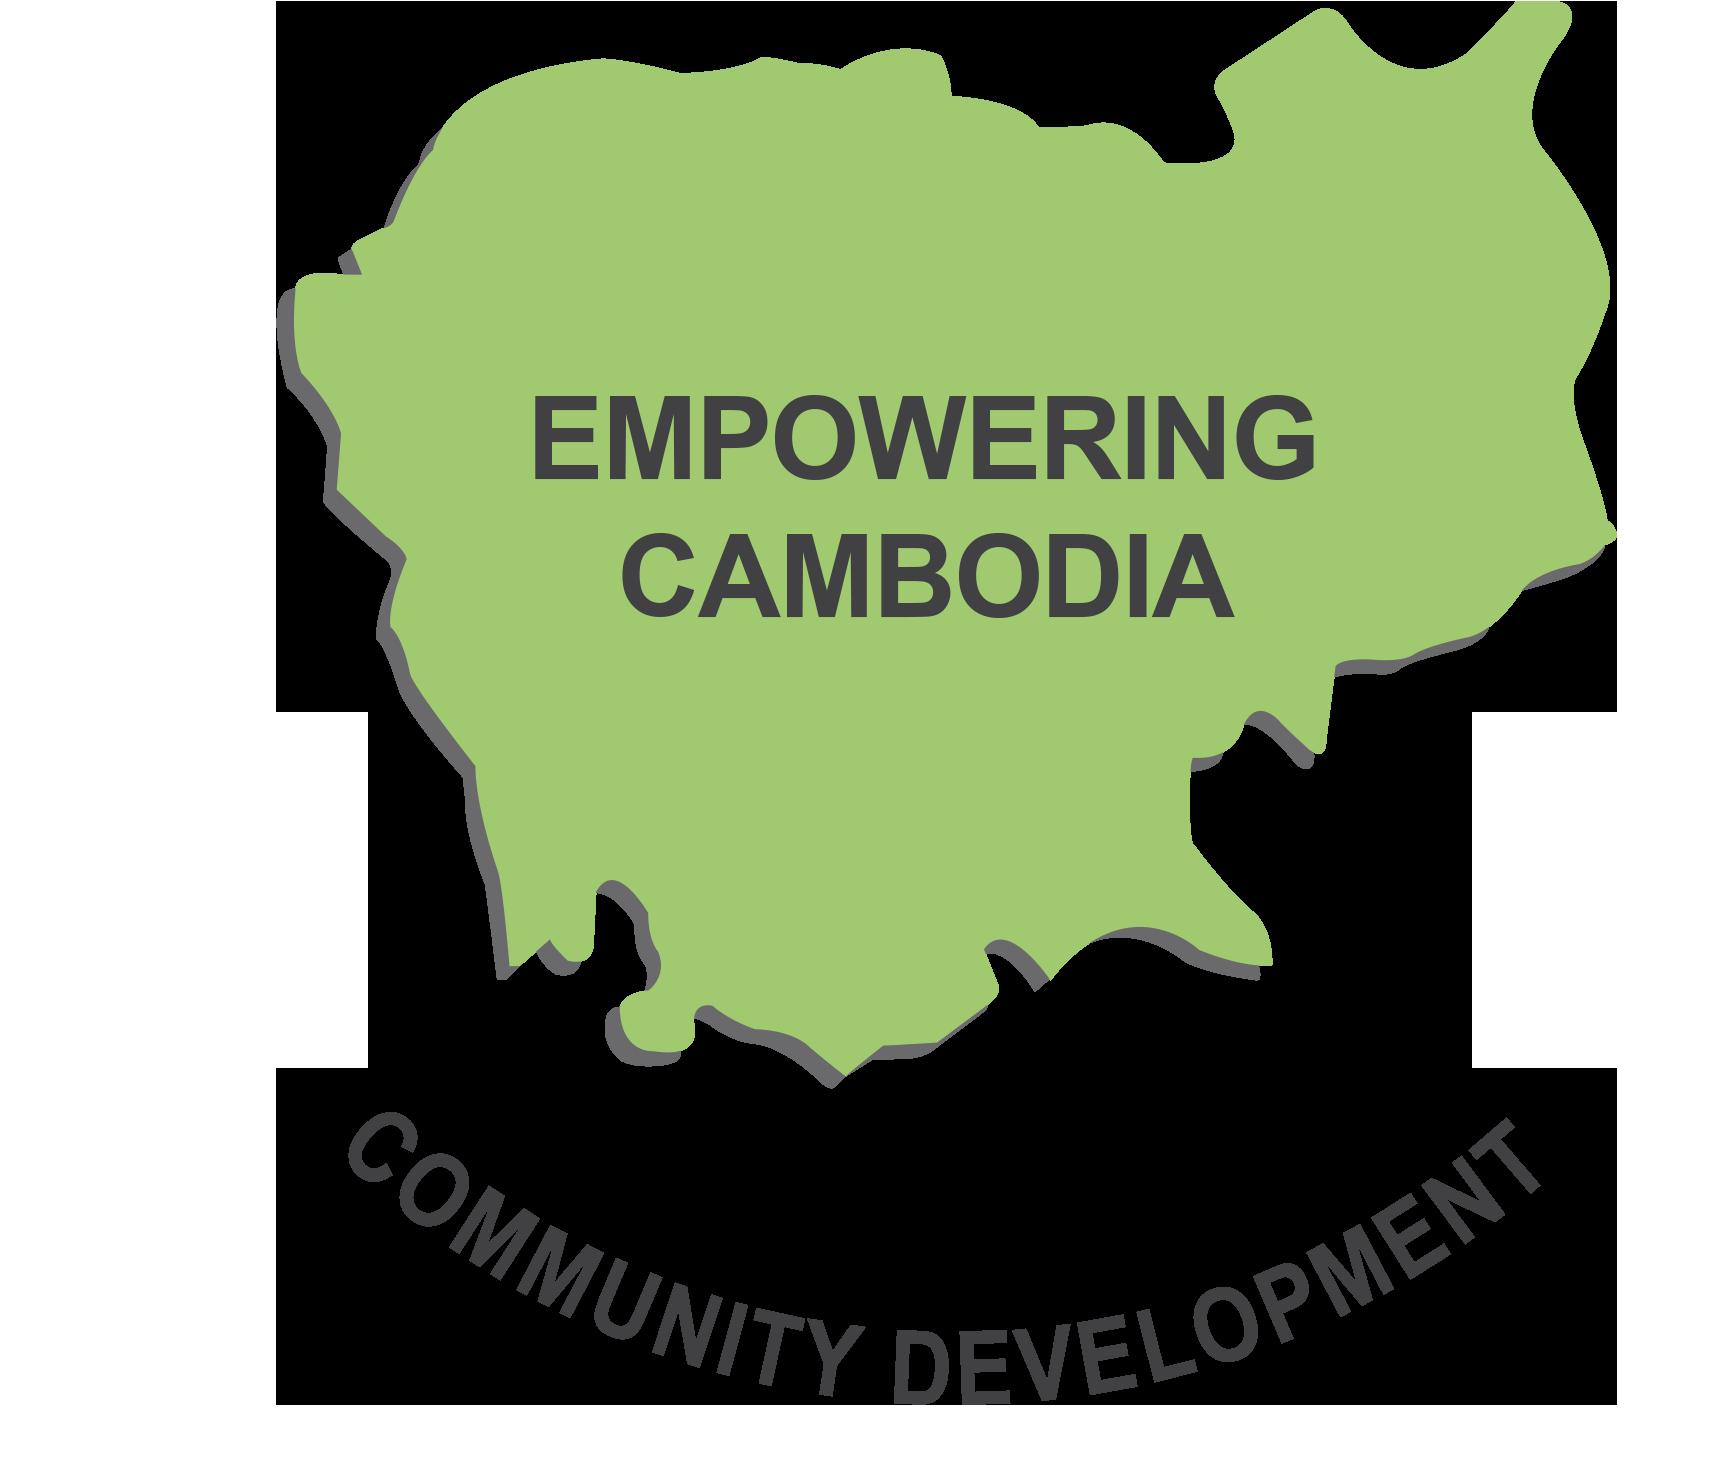 Empowering Cambodia